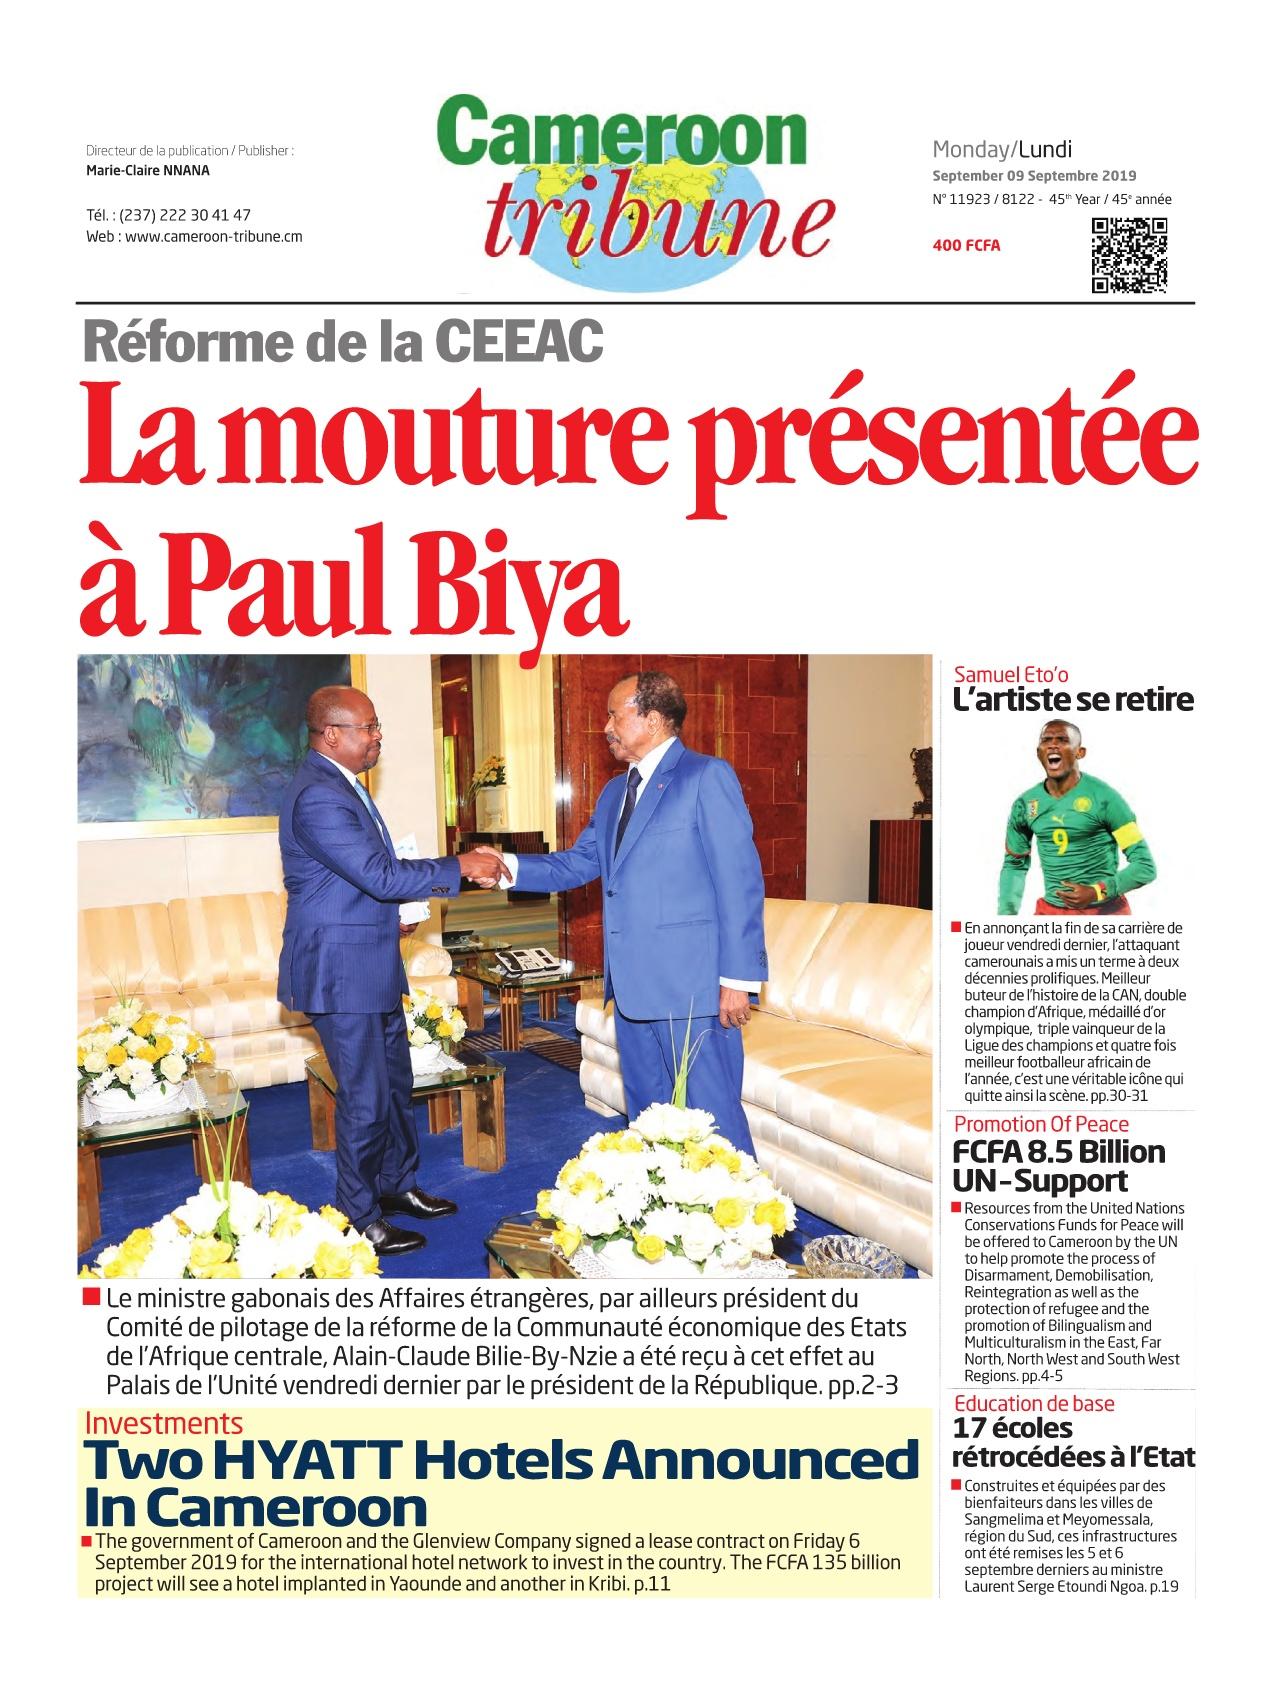 Cameroon Tribune - 09/09/2019